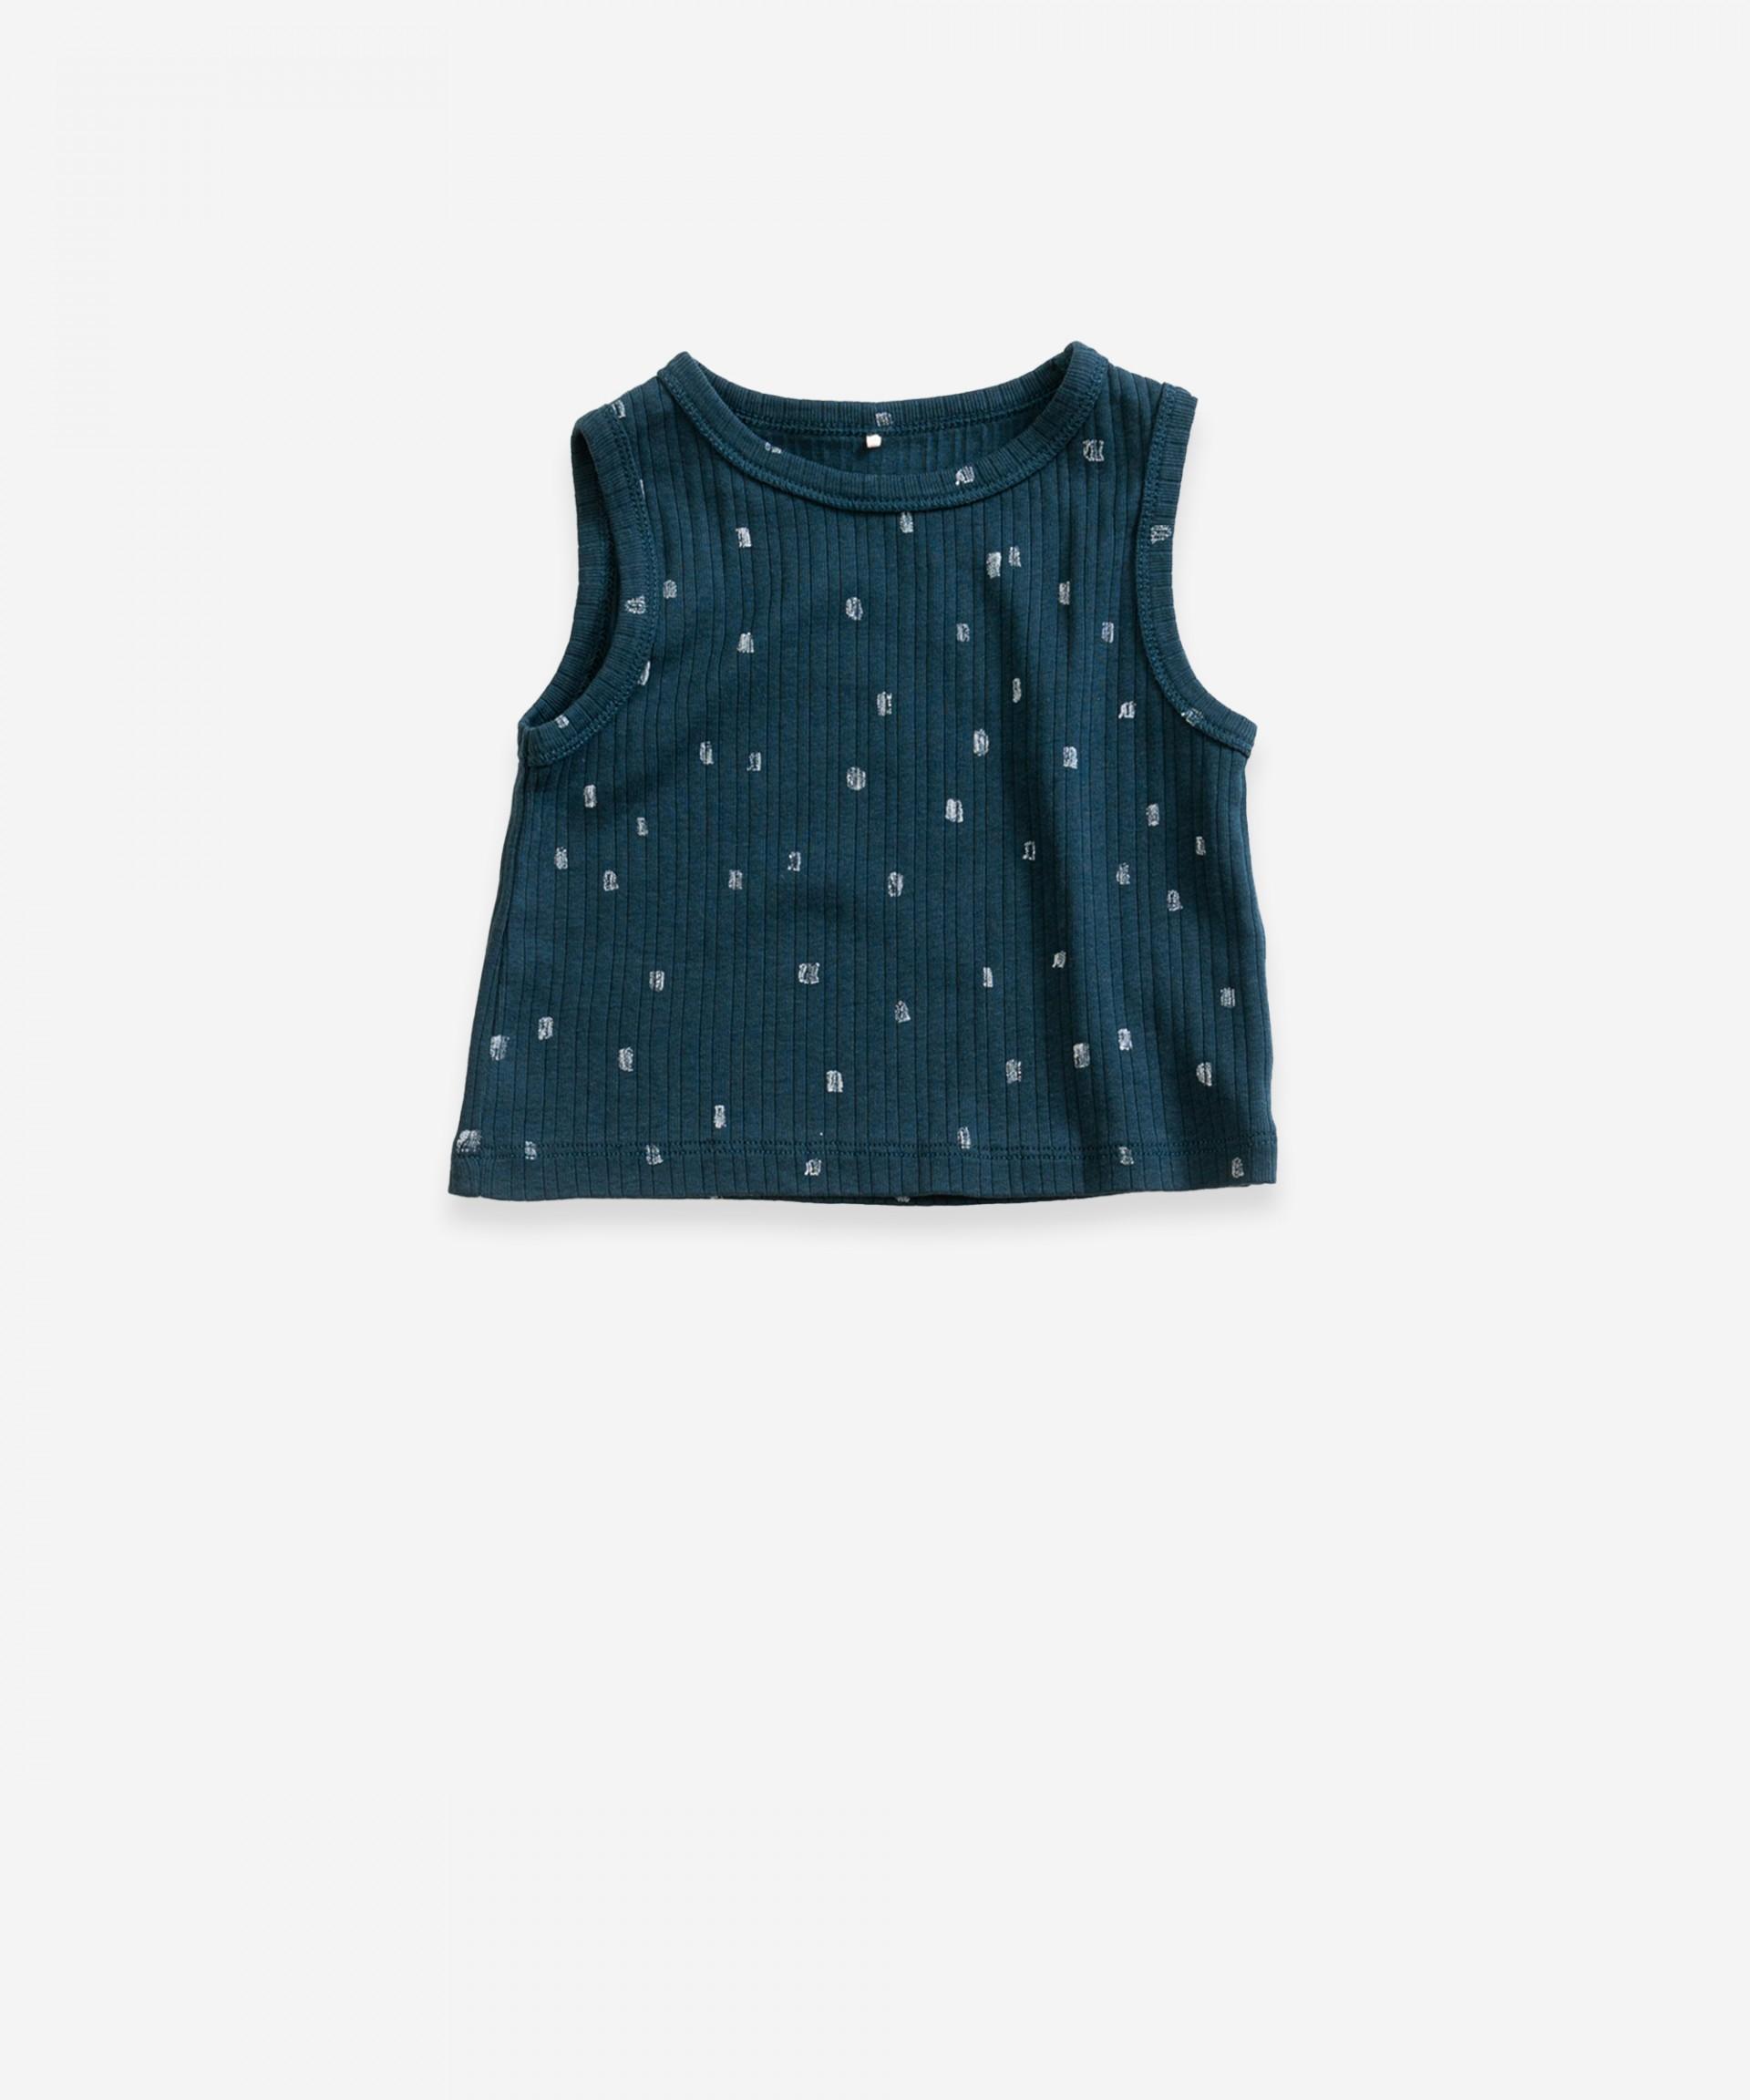 Conjunto de camiseta interior sin mangas y braguitas | Weaving